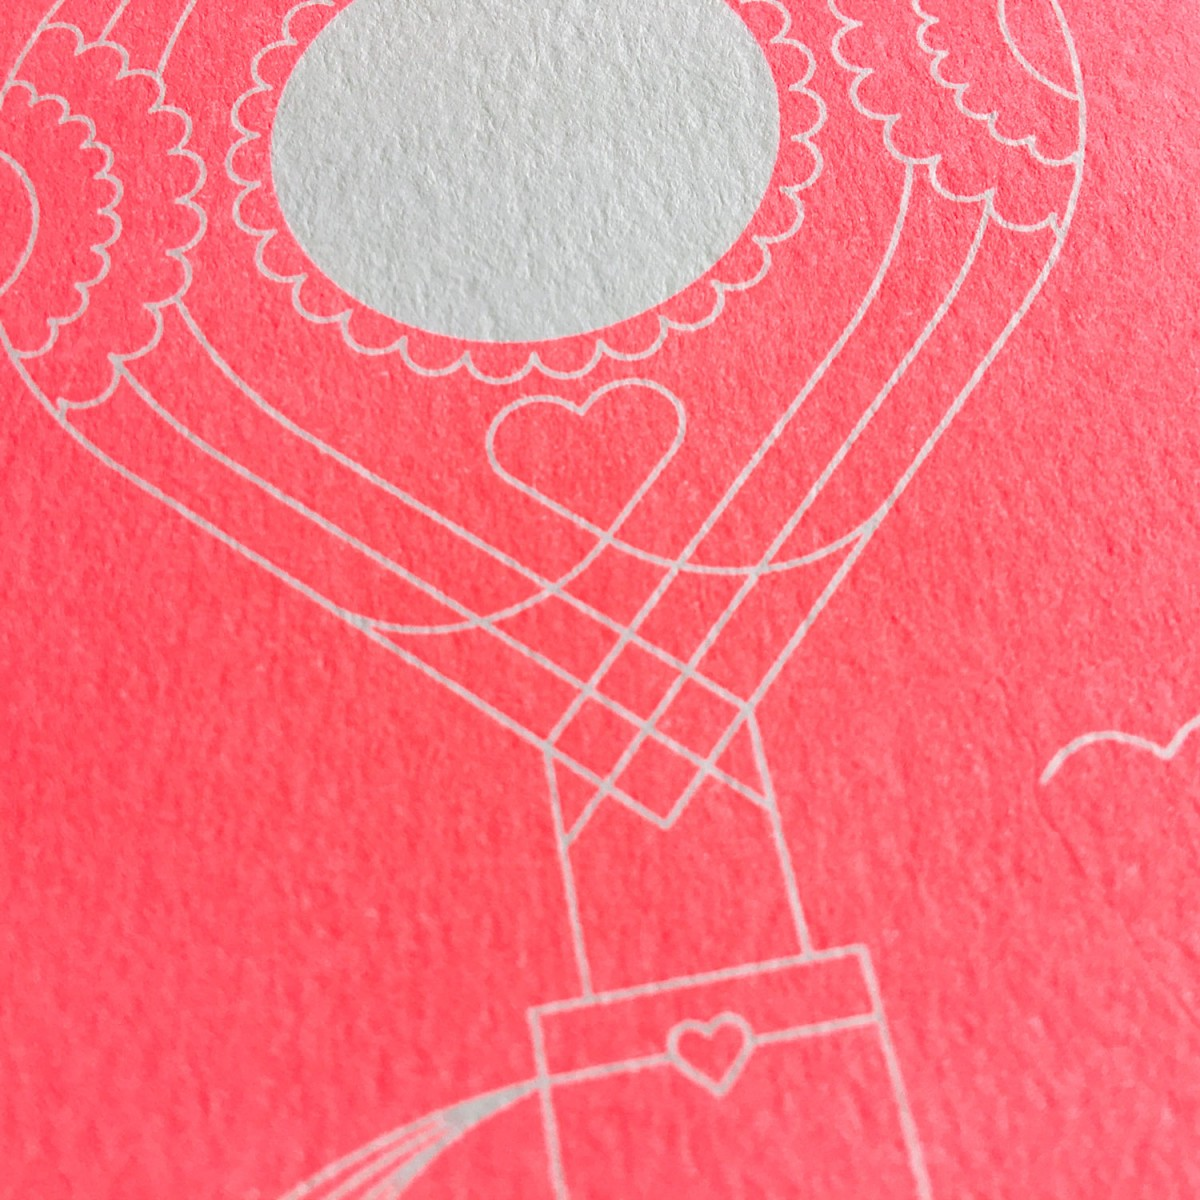 Feingeladen // ROUNDABOUT // Heißluftballon »Zur Hochzeit« (FR) // RISO-Klappkarte, A6